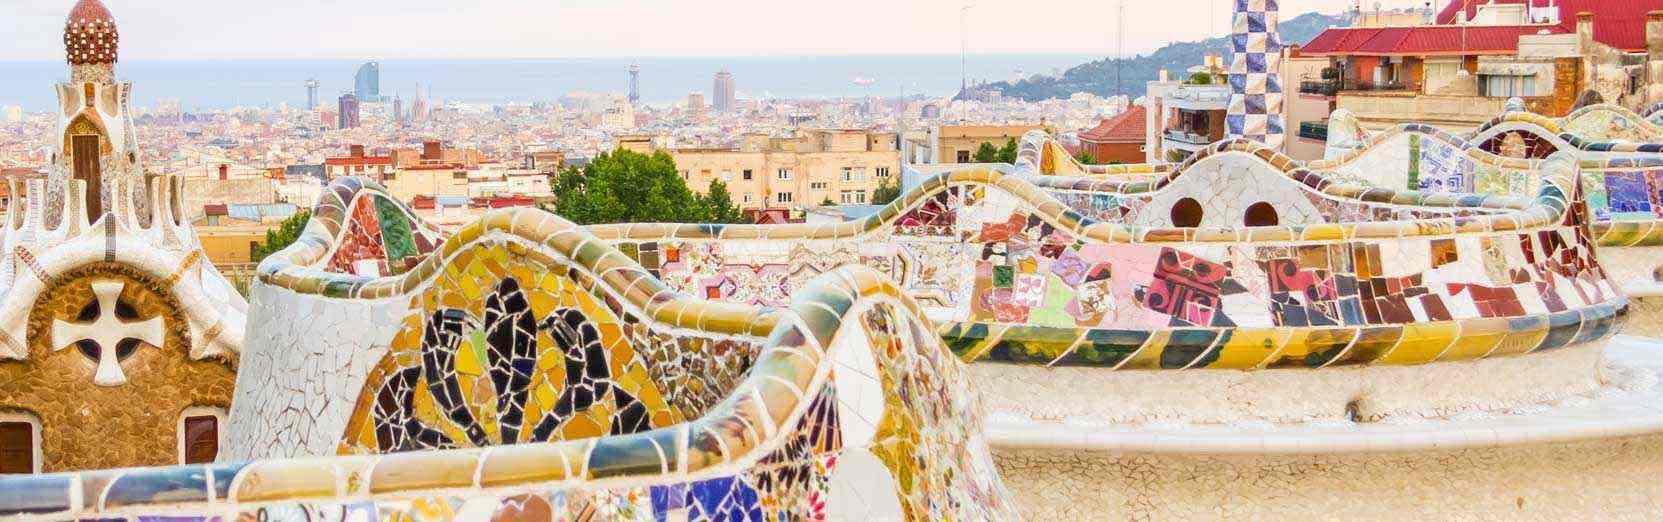 Auto mieten in Barcelona